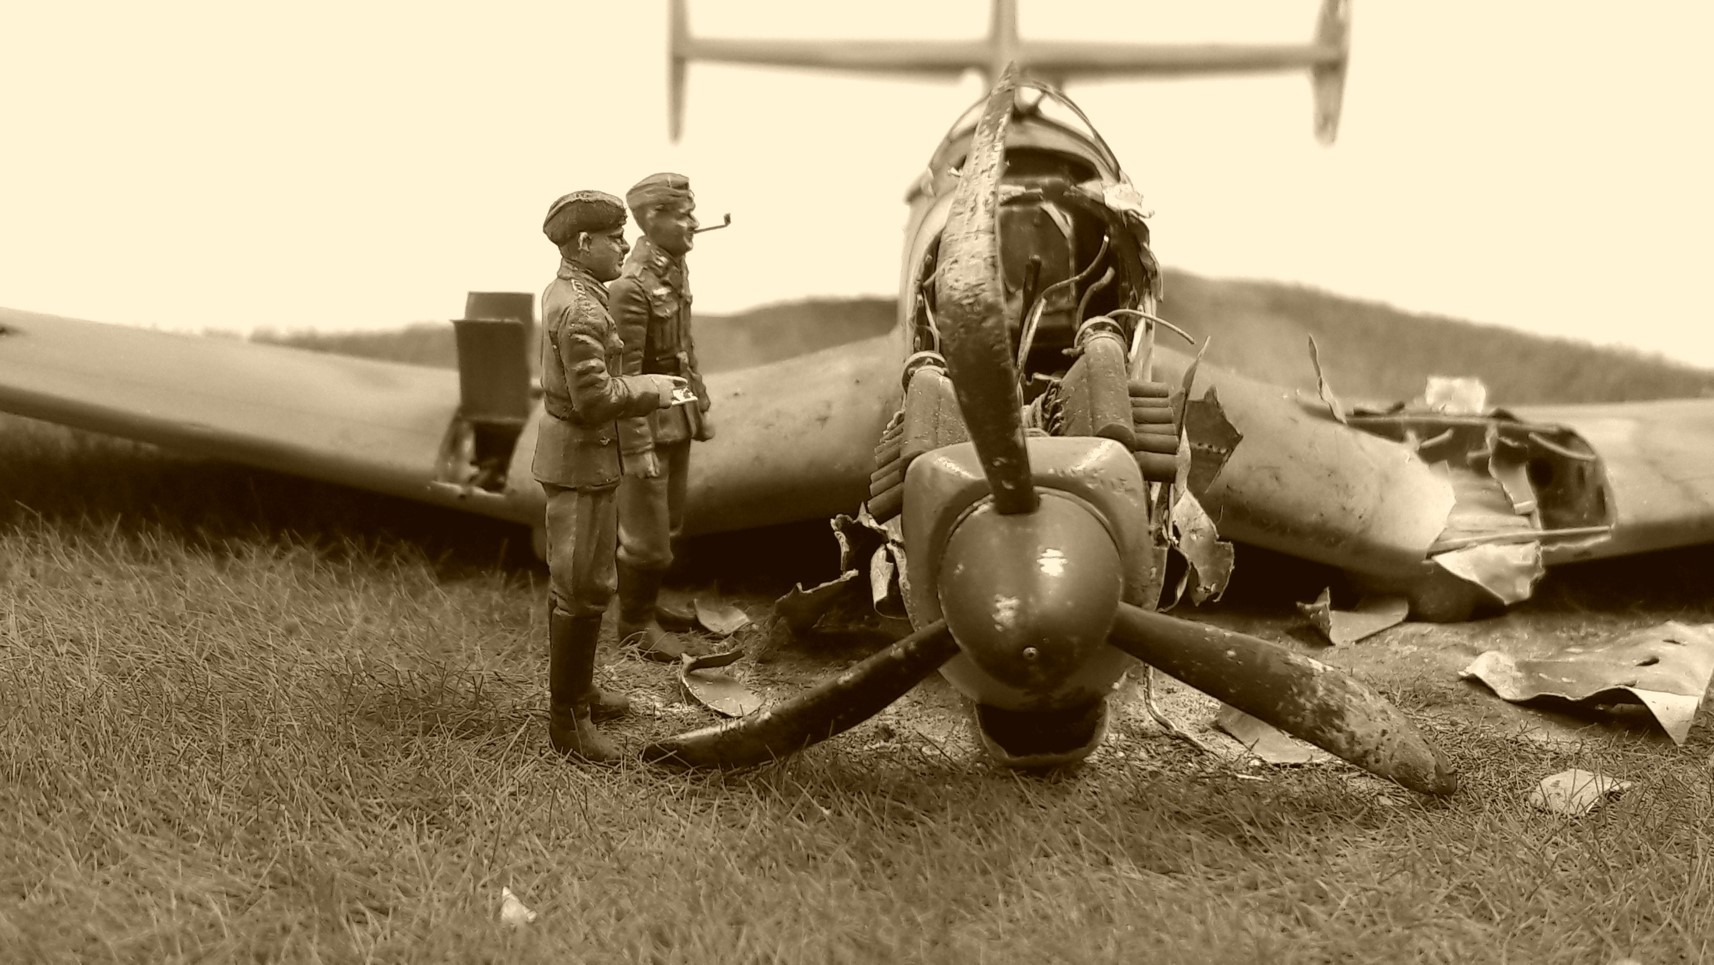 [Concours Aéronavale] Loire Nieuport 401/411 -  Special hobby 1/48 - crash à Villereau -le sacrifice des marins aviateurs du 19 mai 1940 - Mission Berlaimont  Image500